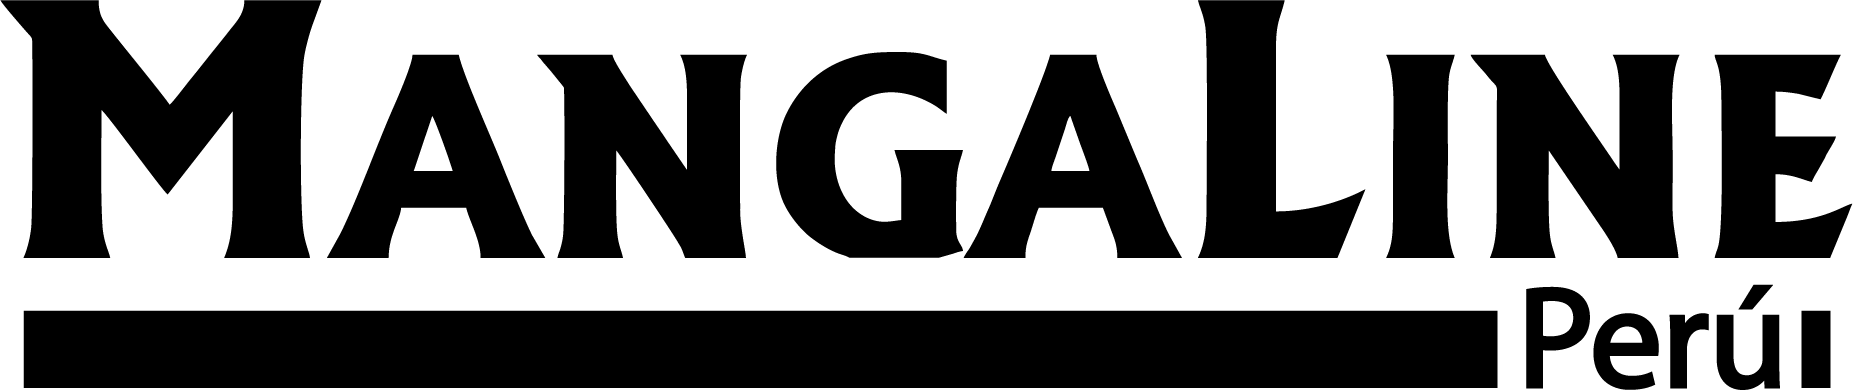 Mangaline Perú